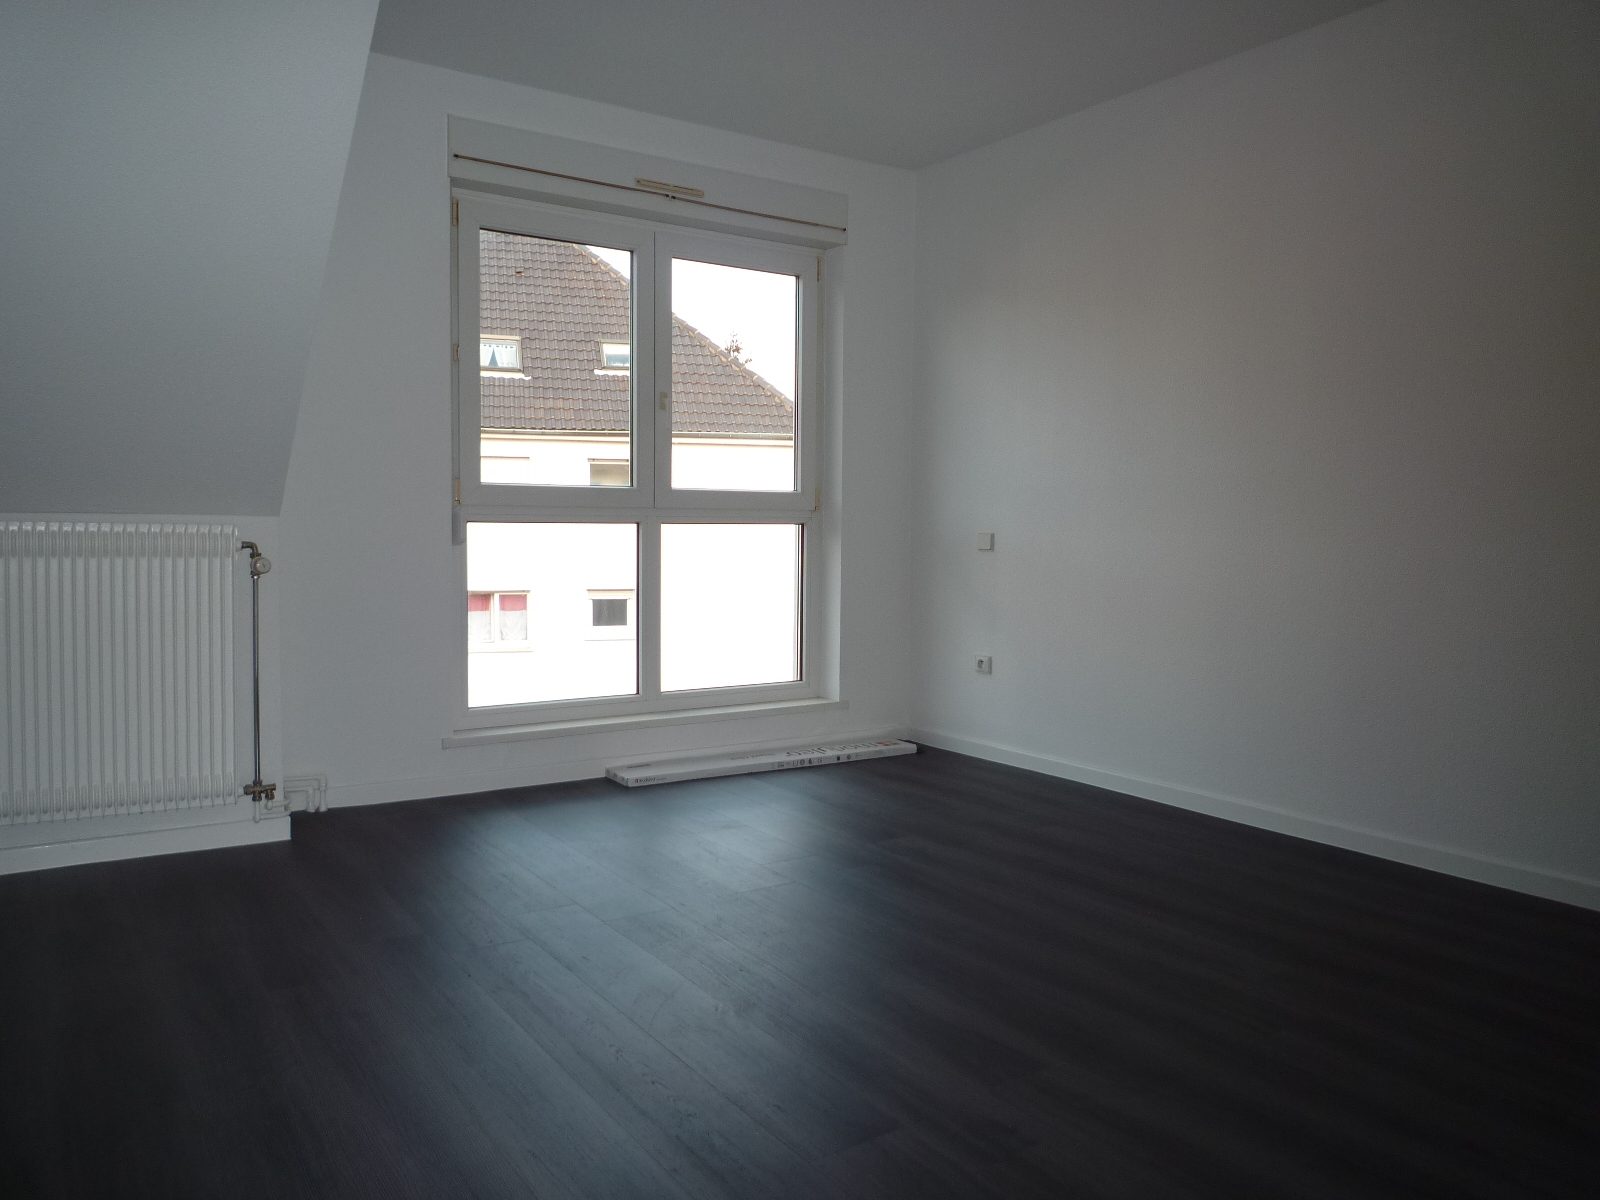 [Lila] Agréable 2 pièces avec balcon et garage - Fegersheim - nos locations - Beausite Immobilier 4